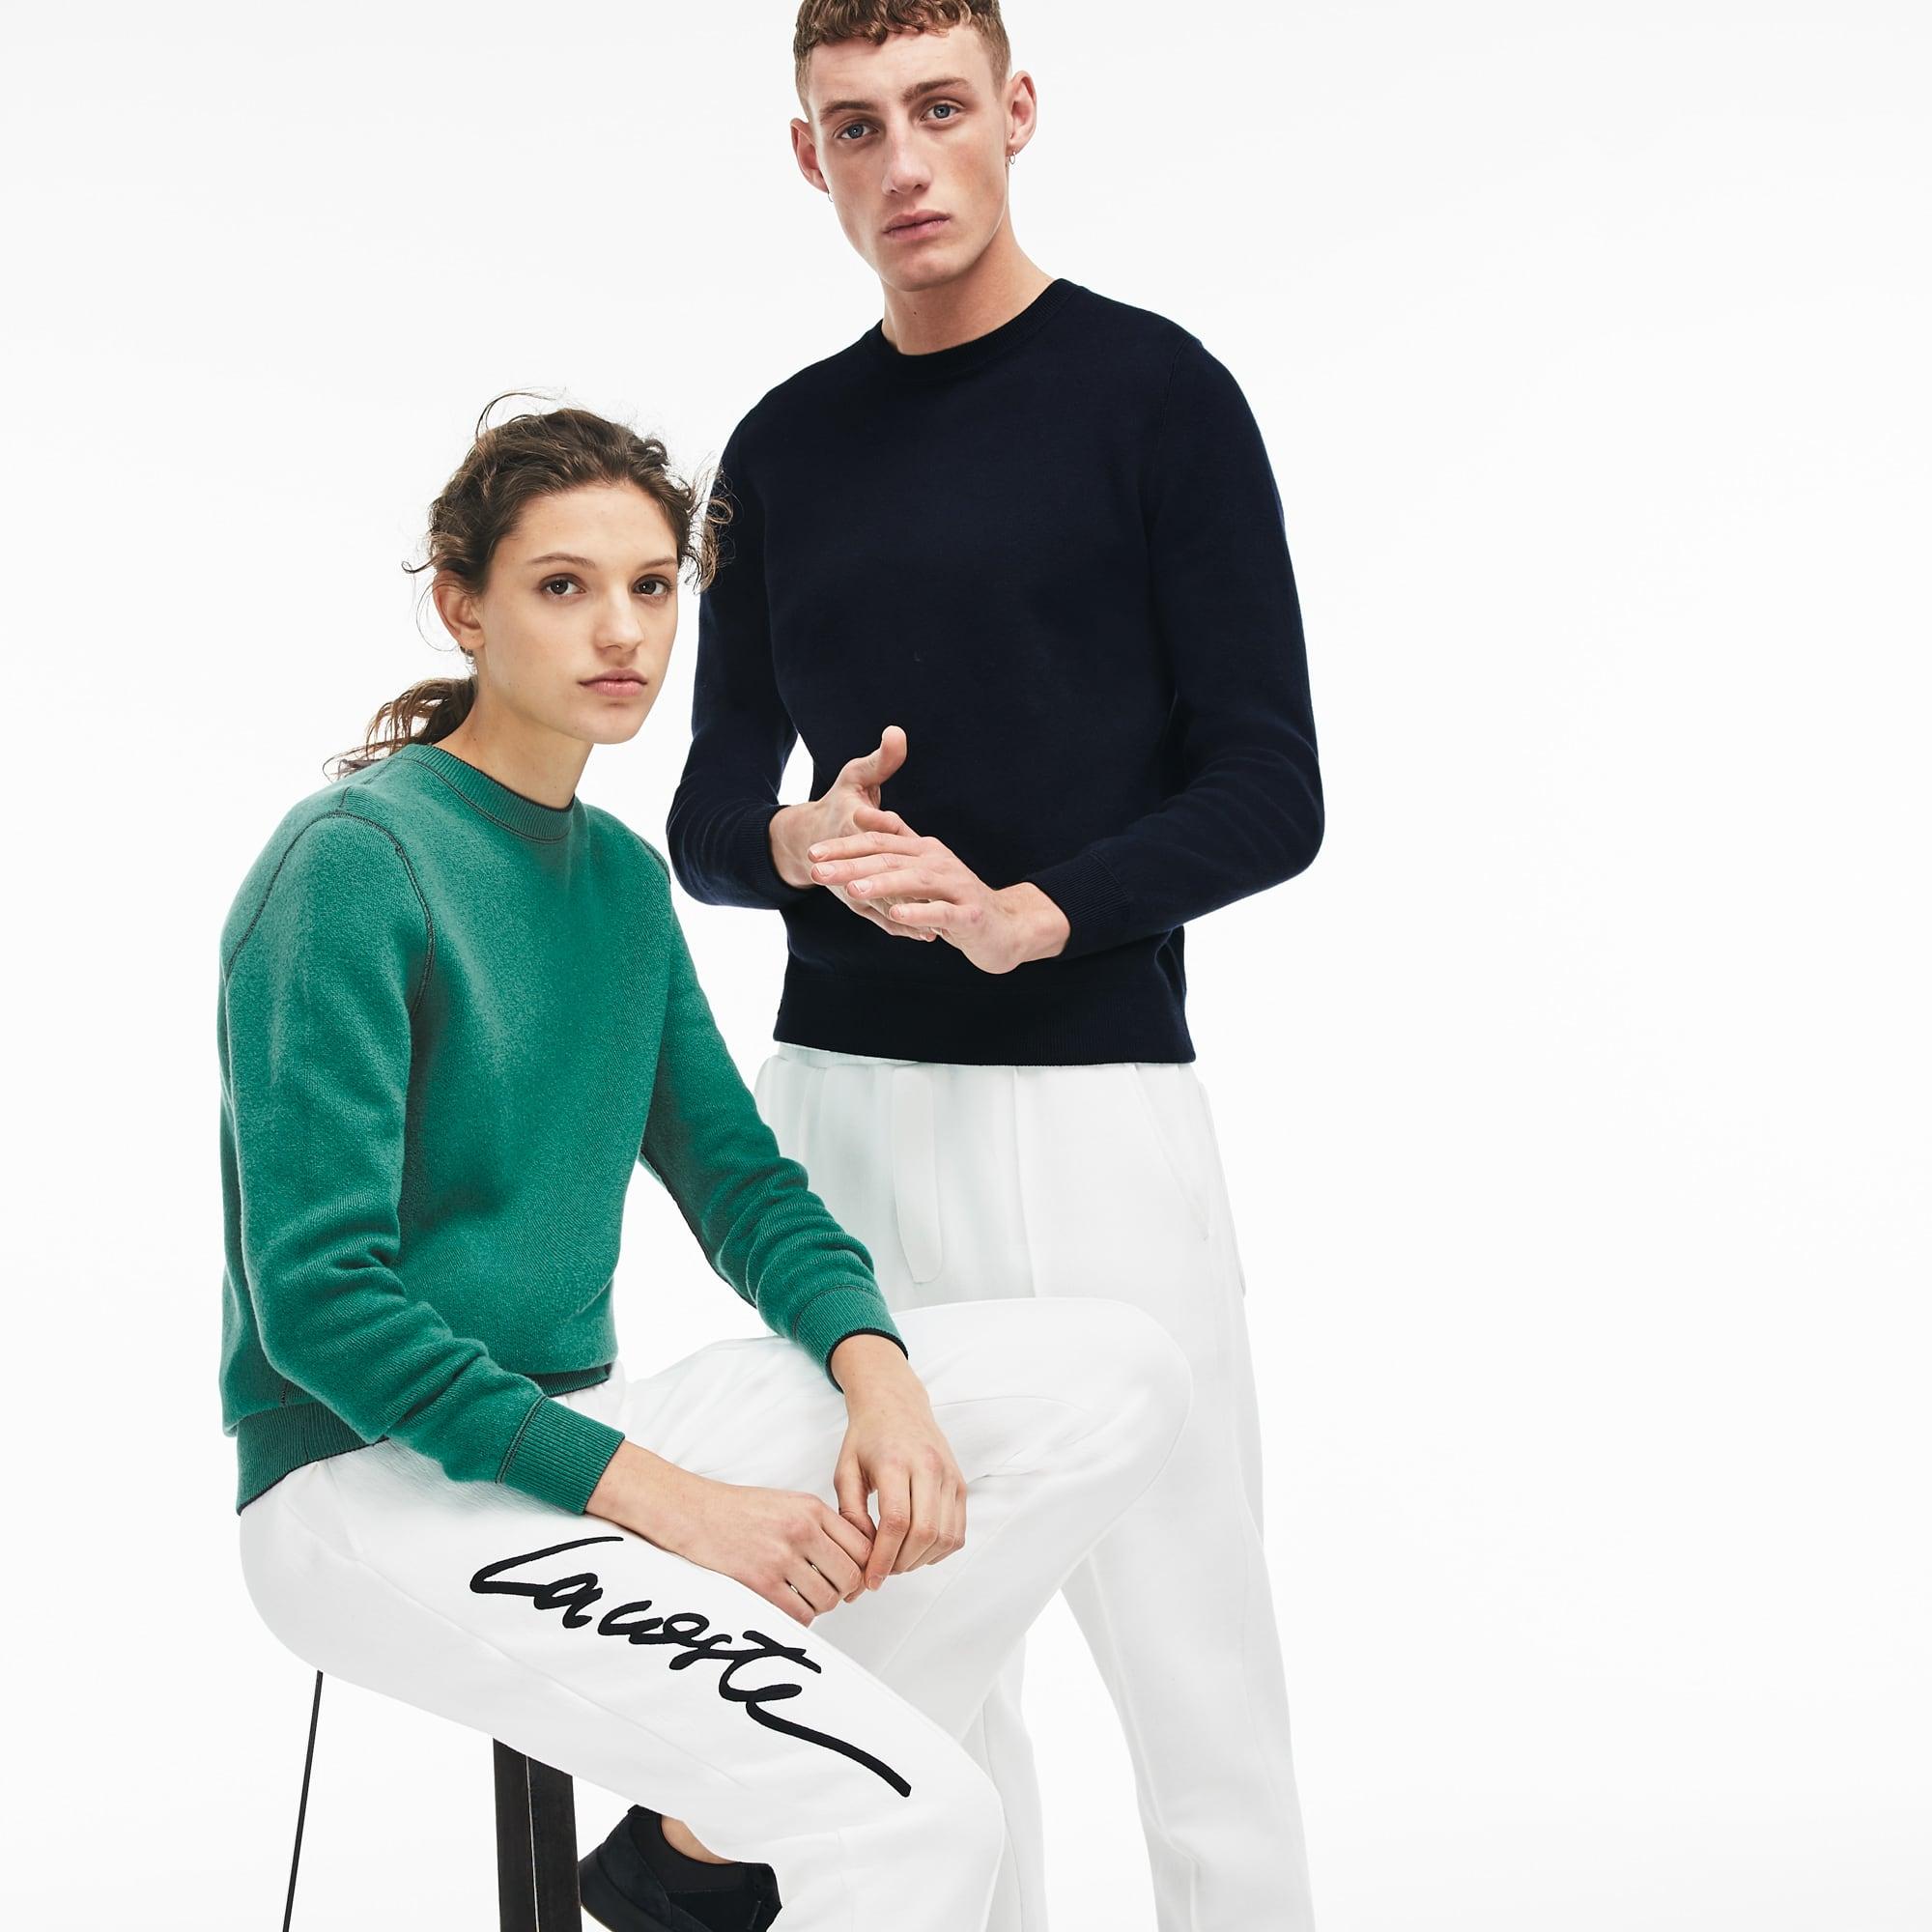 Camisola reversível unissexo Lacoste LIVE em jersey de lã unicolor